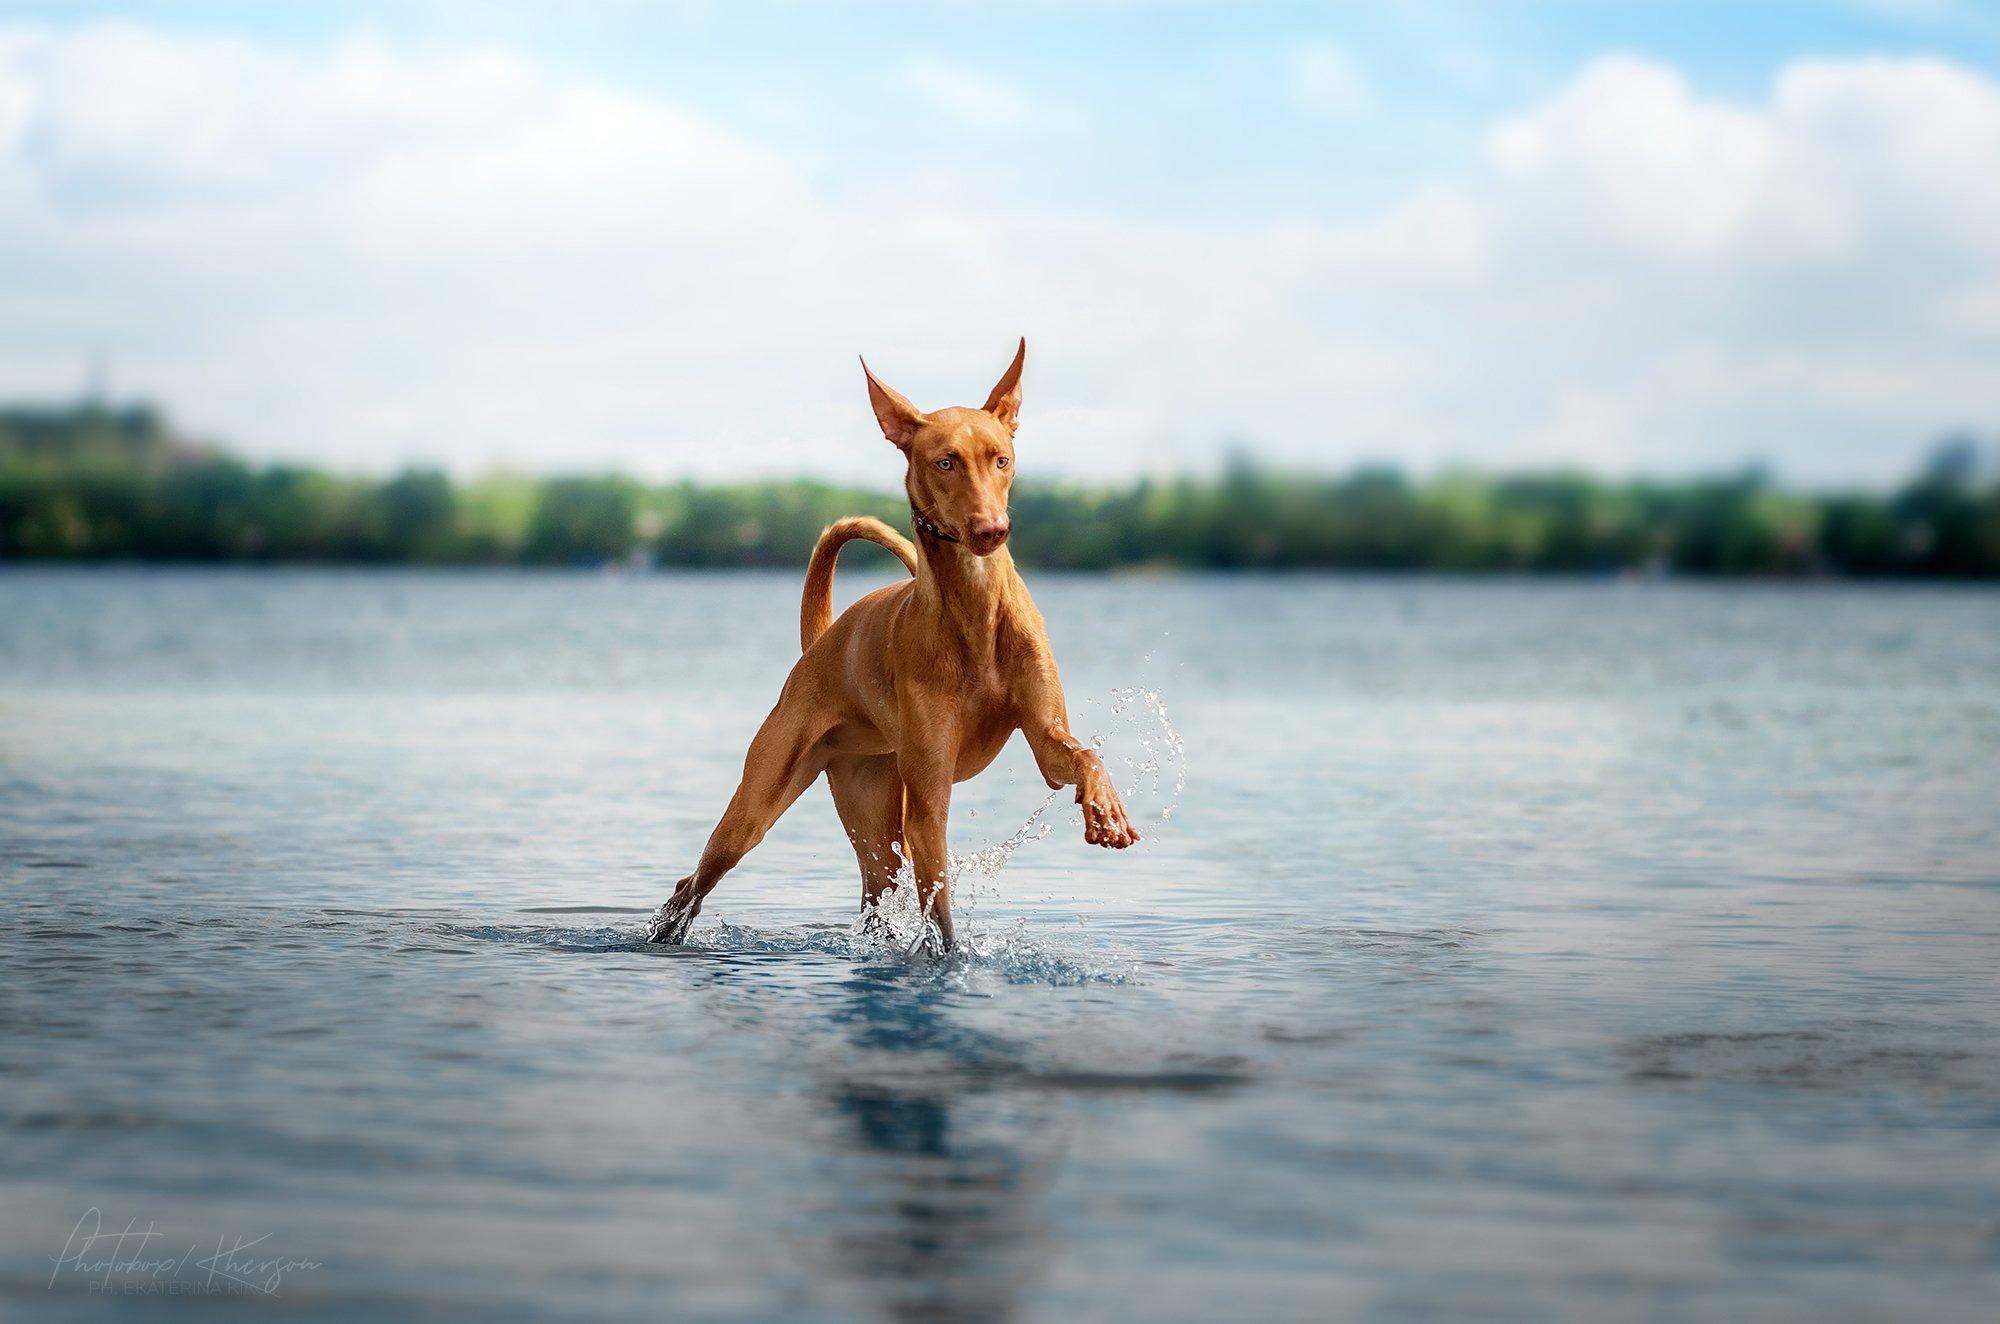 собака, анималистика, река, природа, движение, Кикоть Екатерина